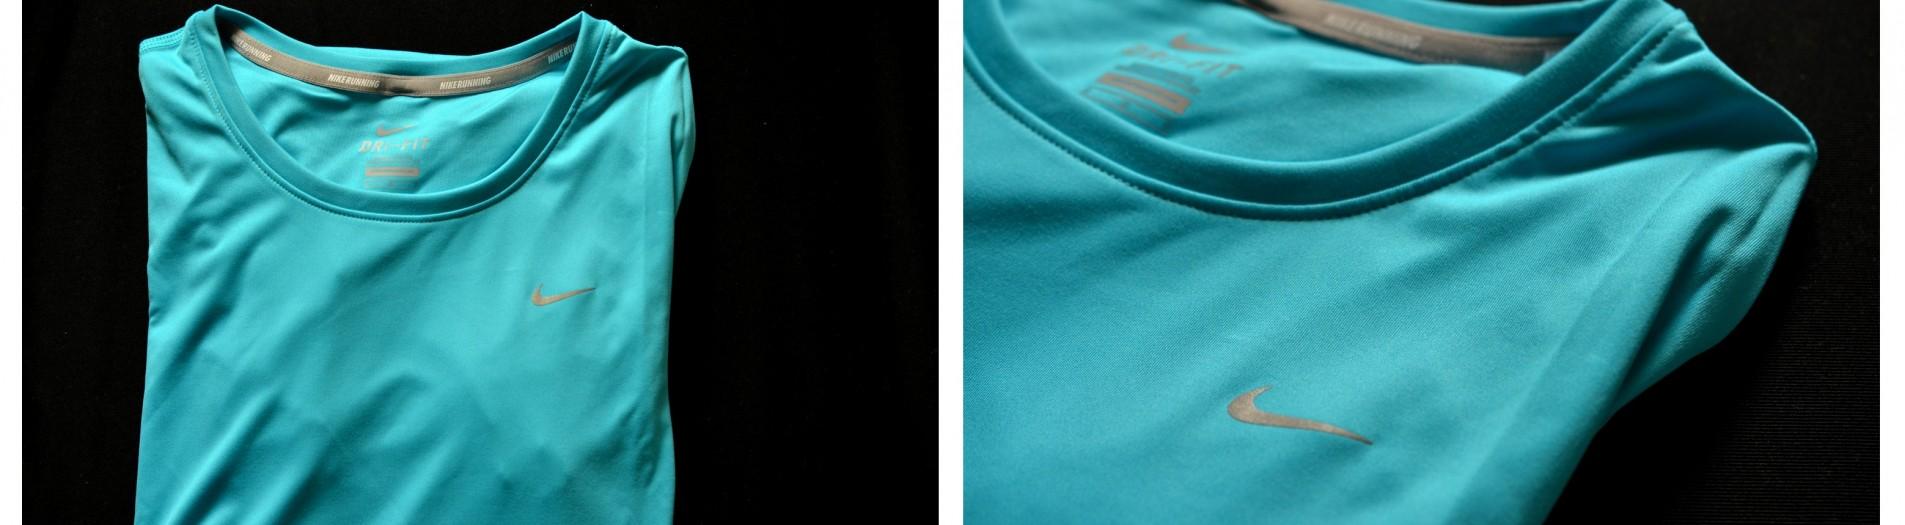 I love running, my t-shirt of Nike